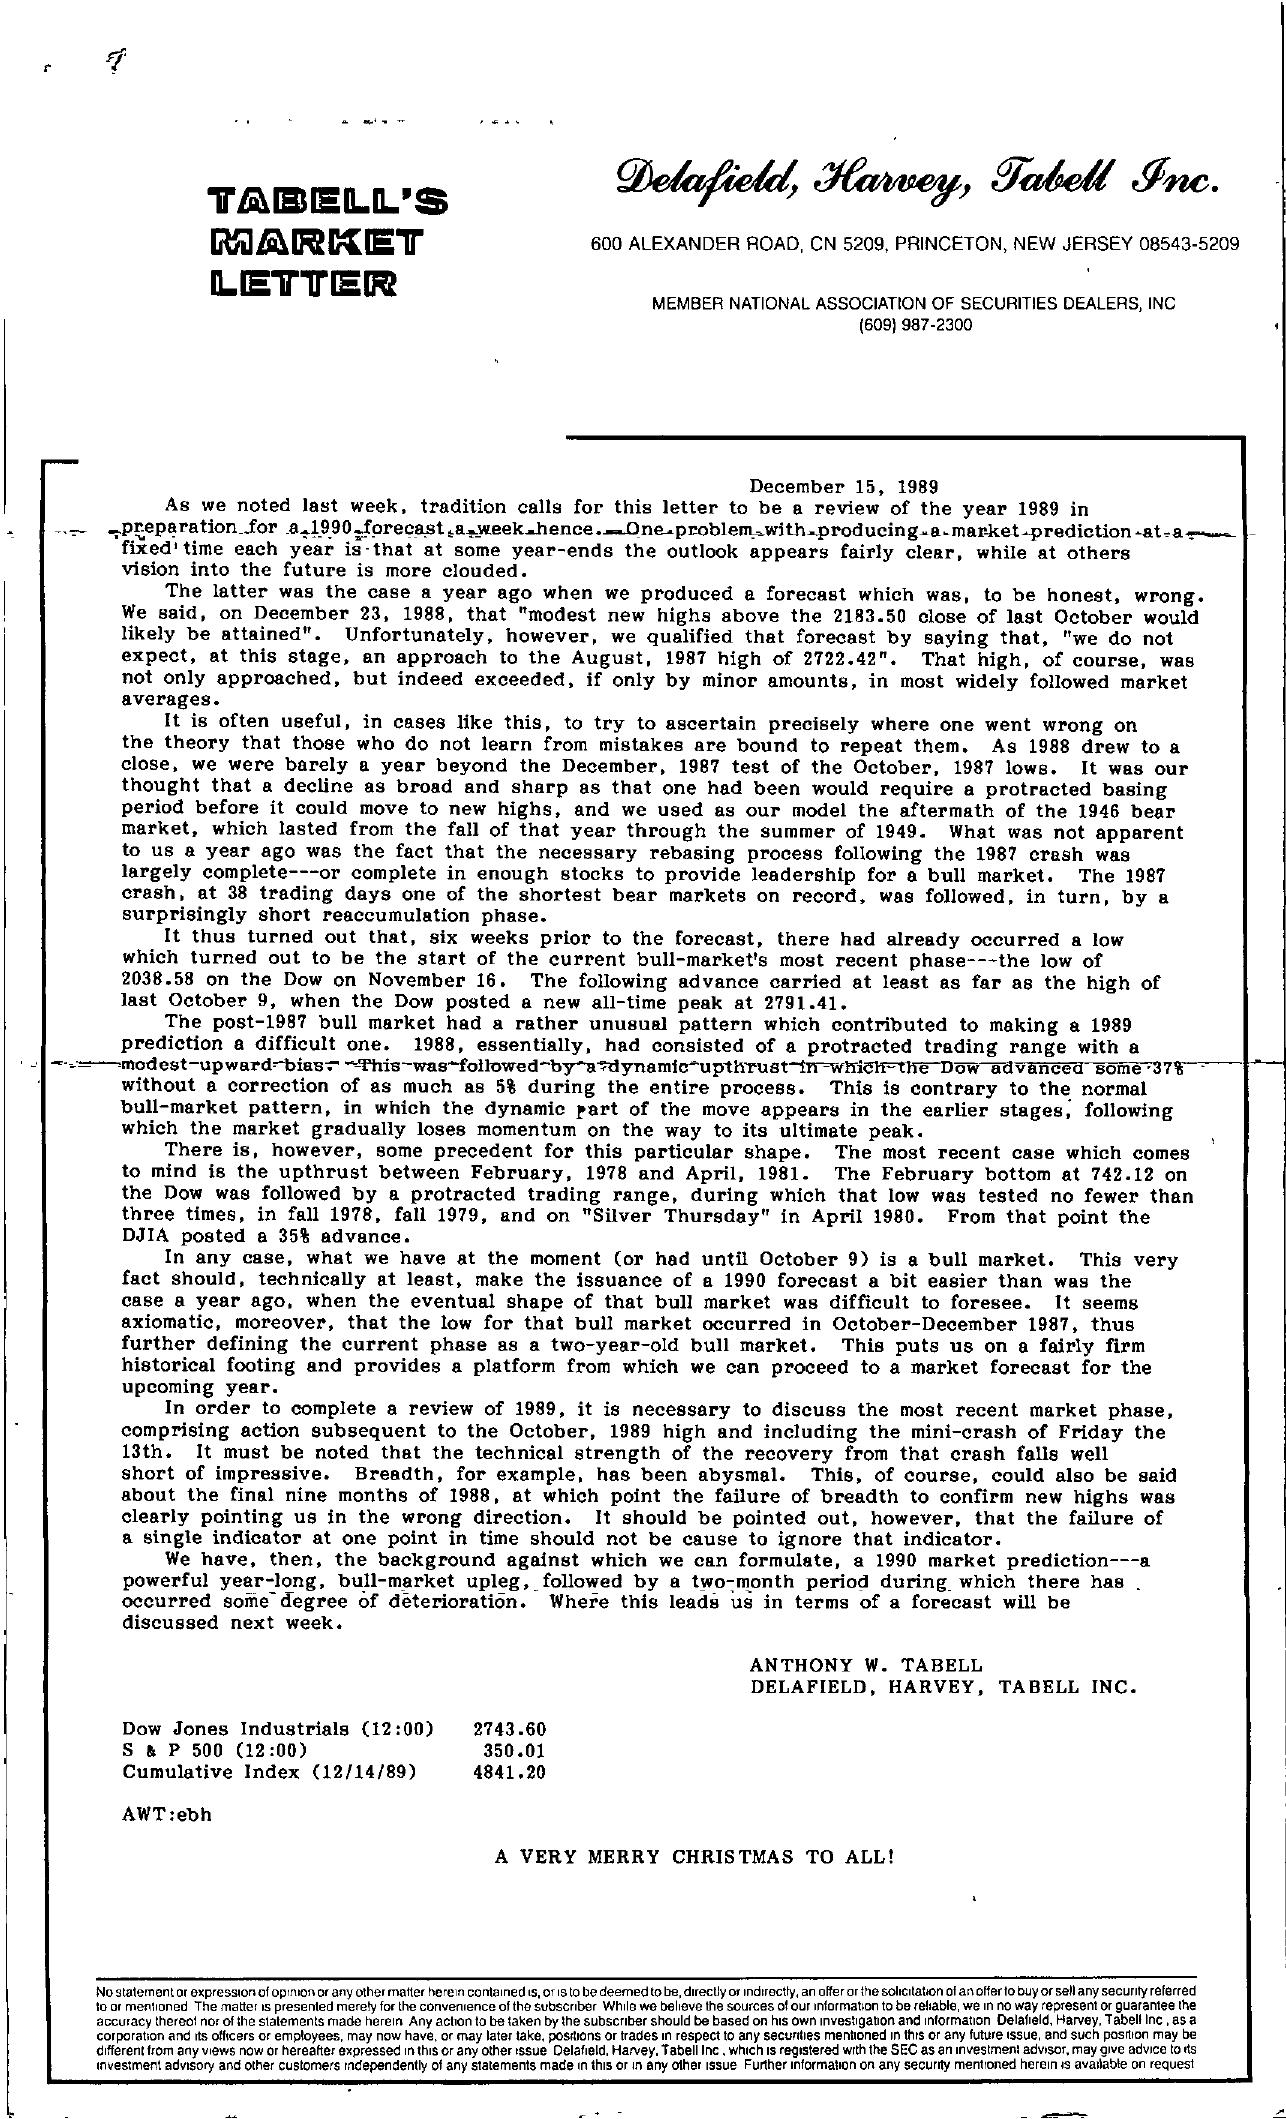 Tabell's Market Letter - December 15, 1989